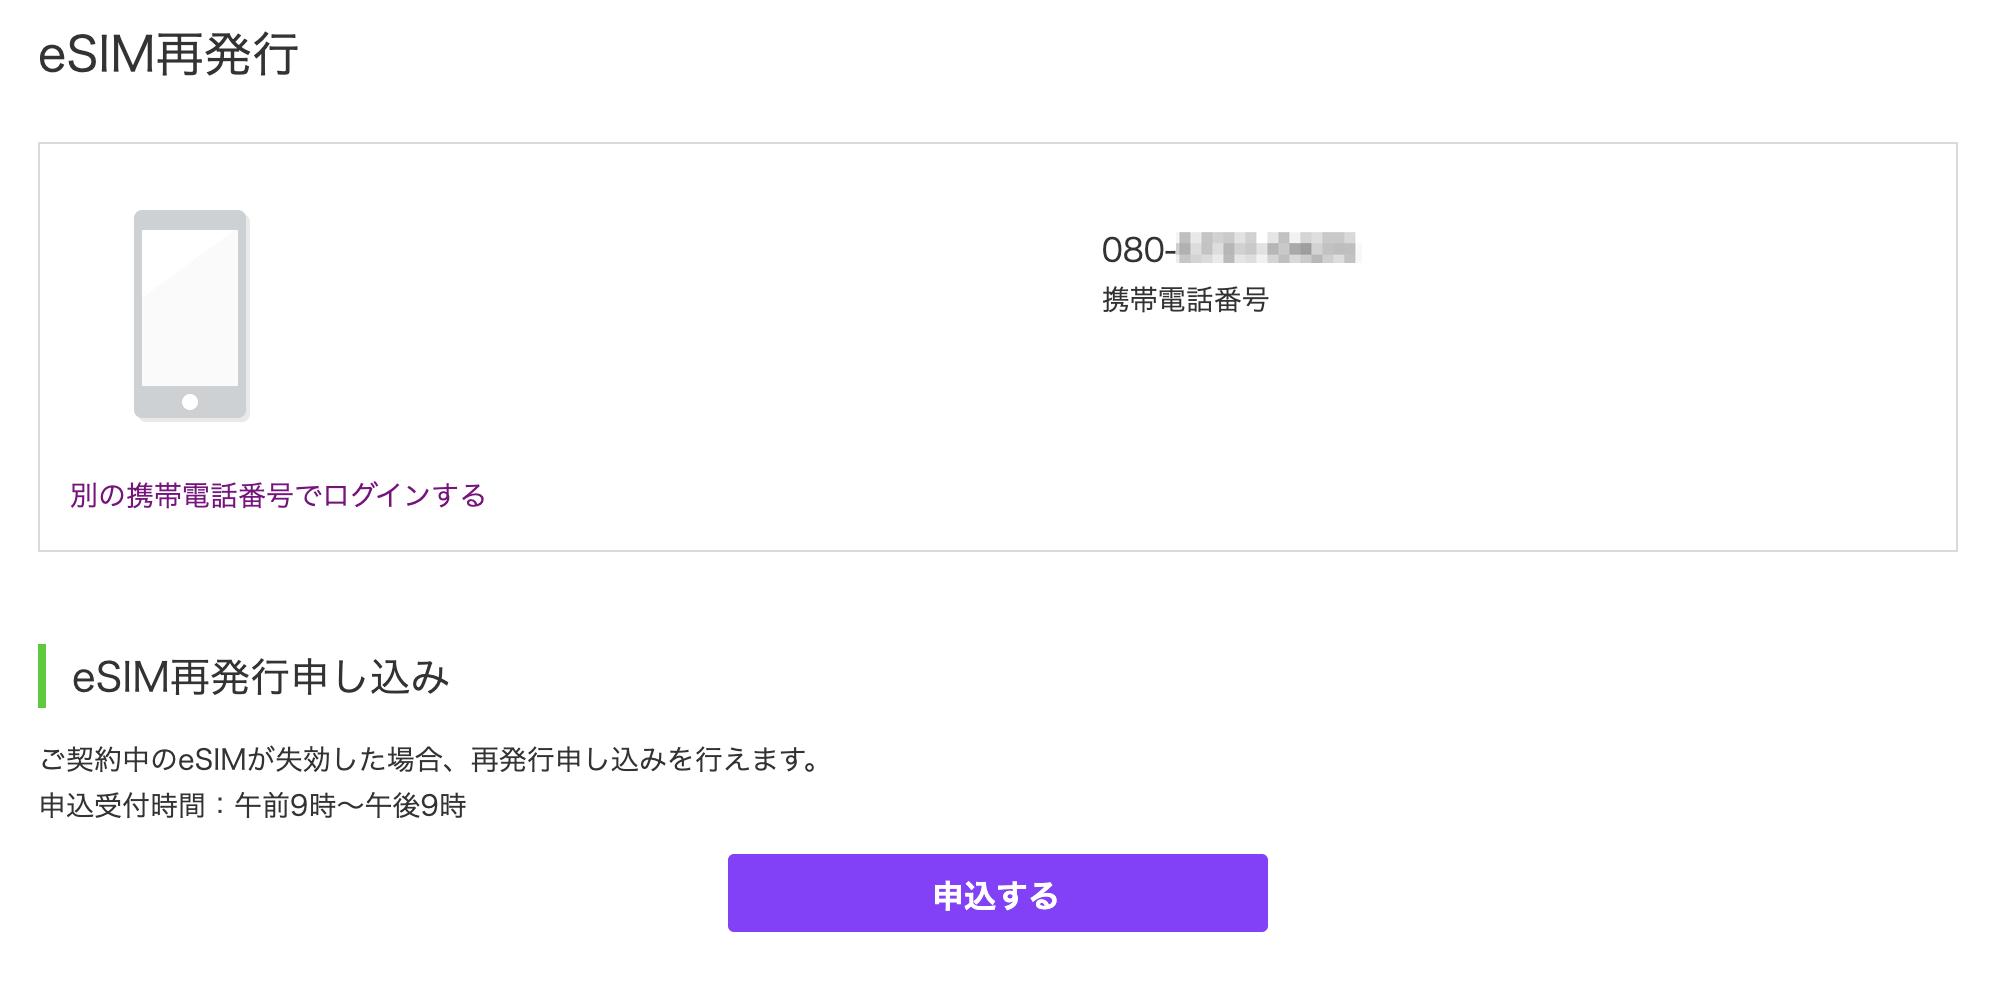 スクリーンショット_2021-07-21_9_45_48